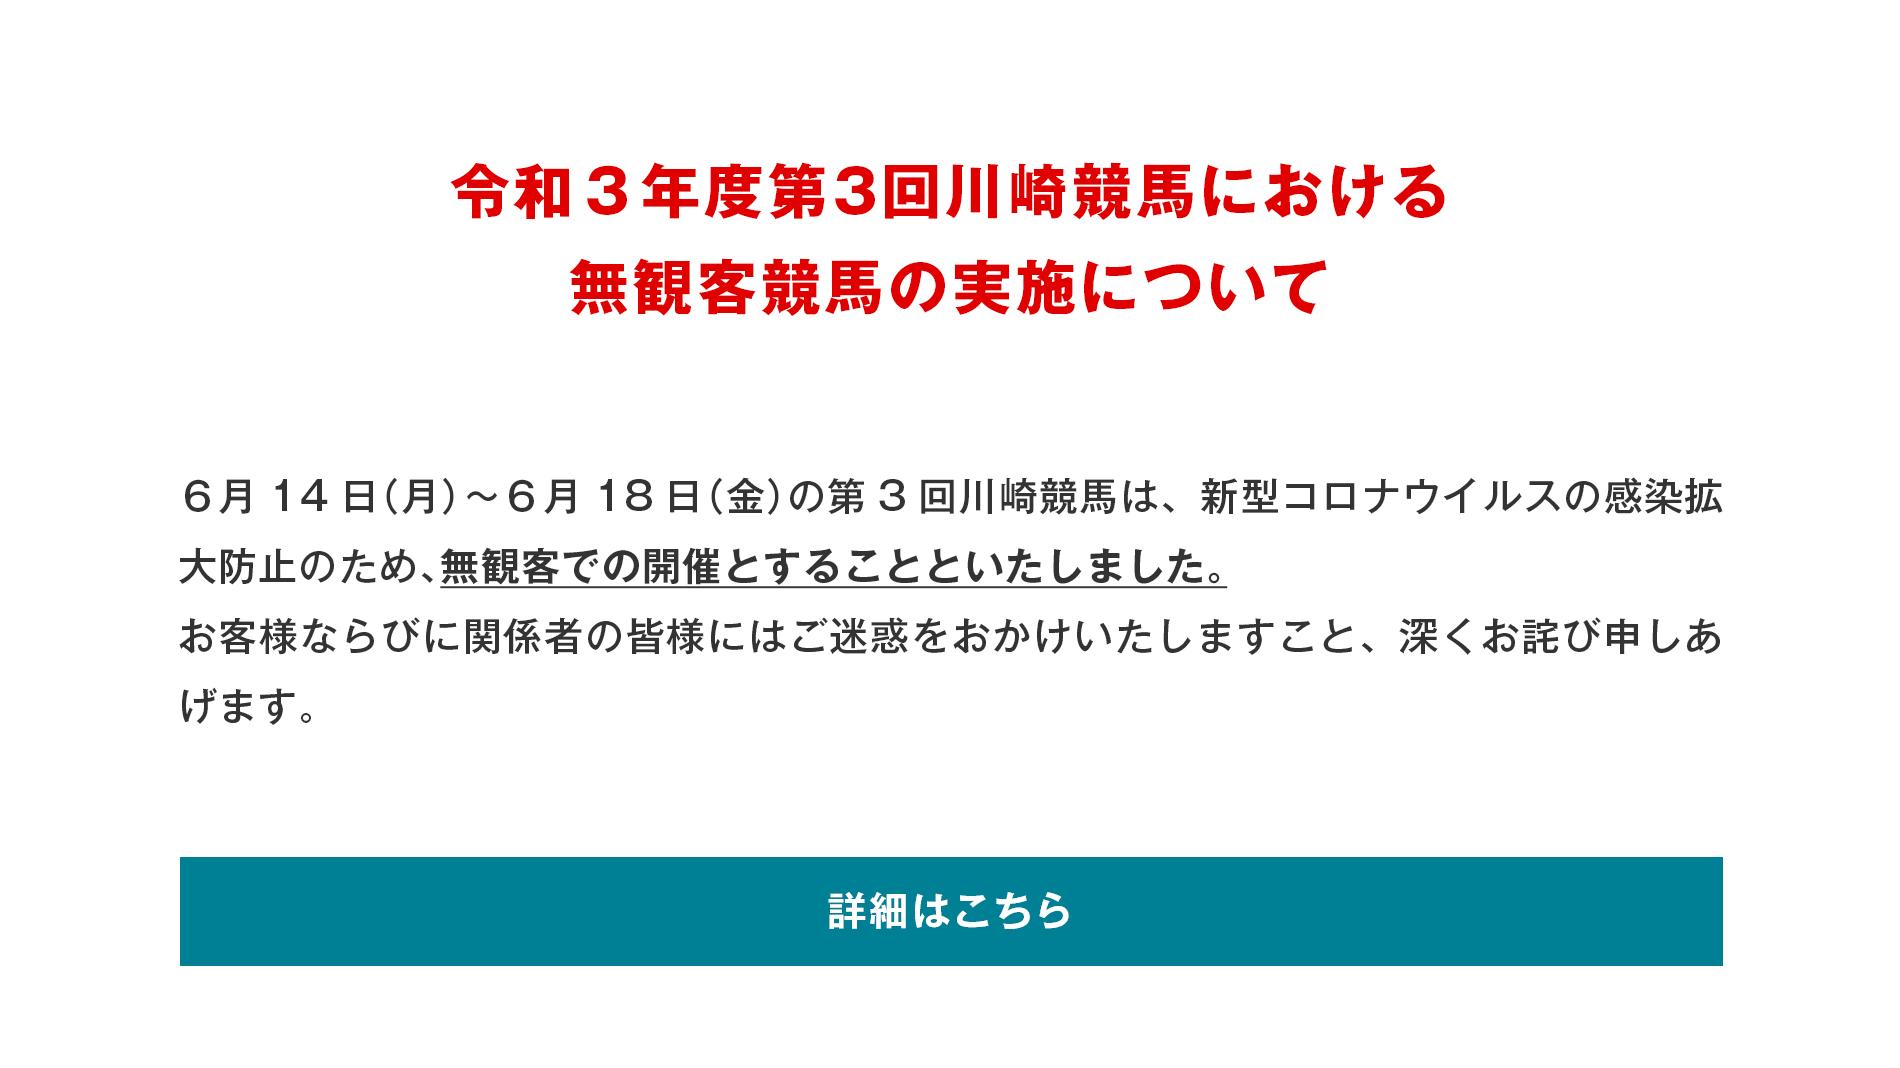 令和3年度第3回川崎競馬における無観客競馬の実施について